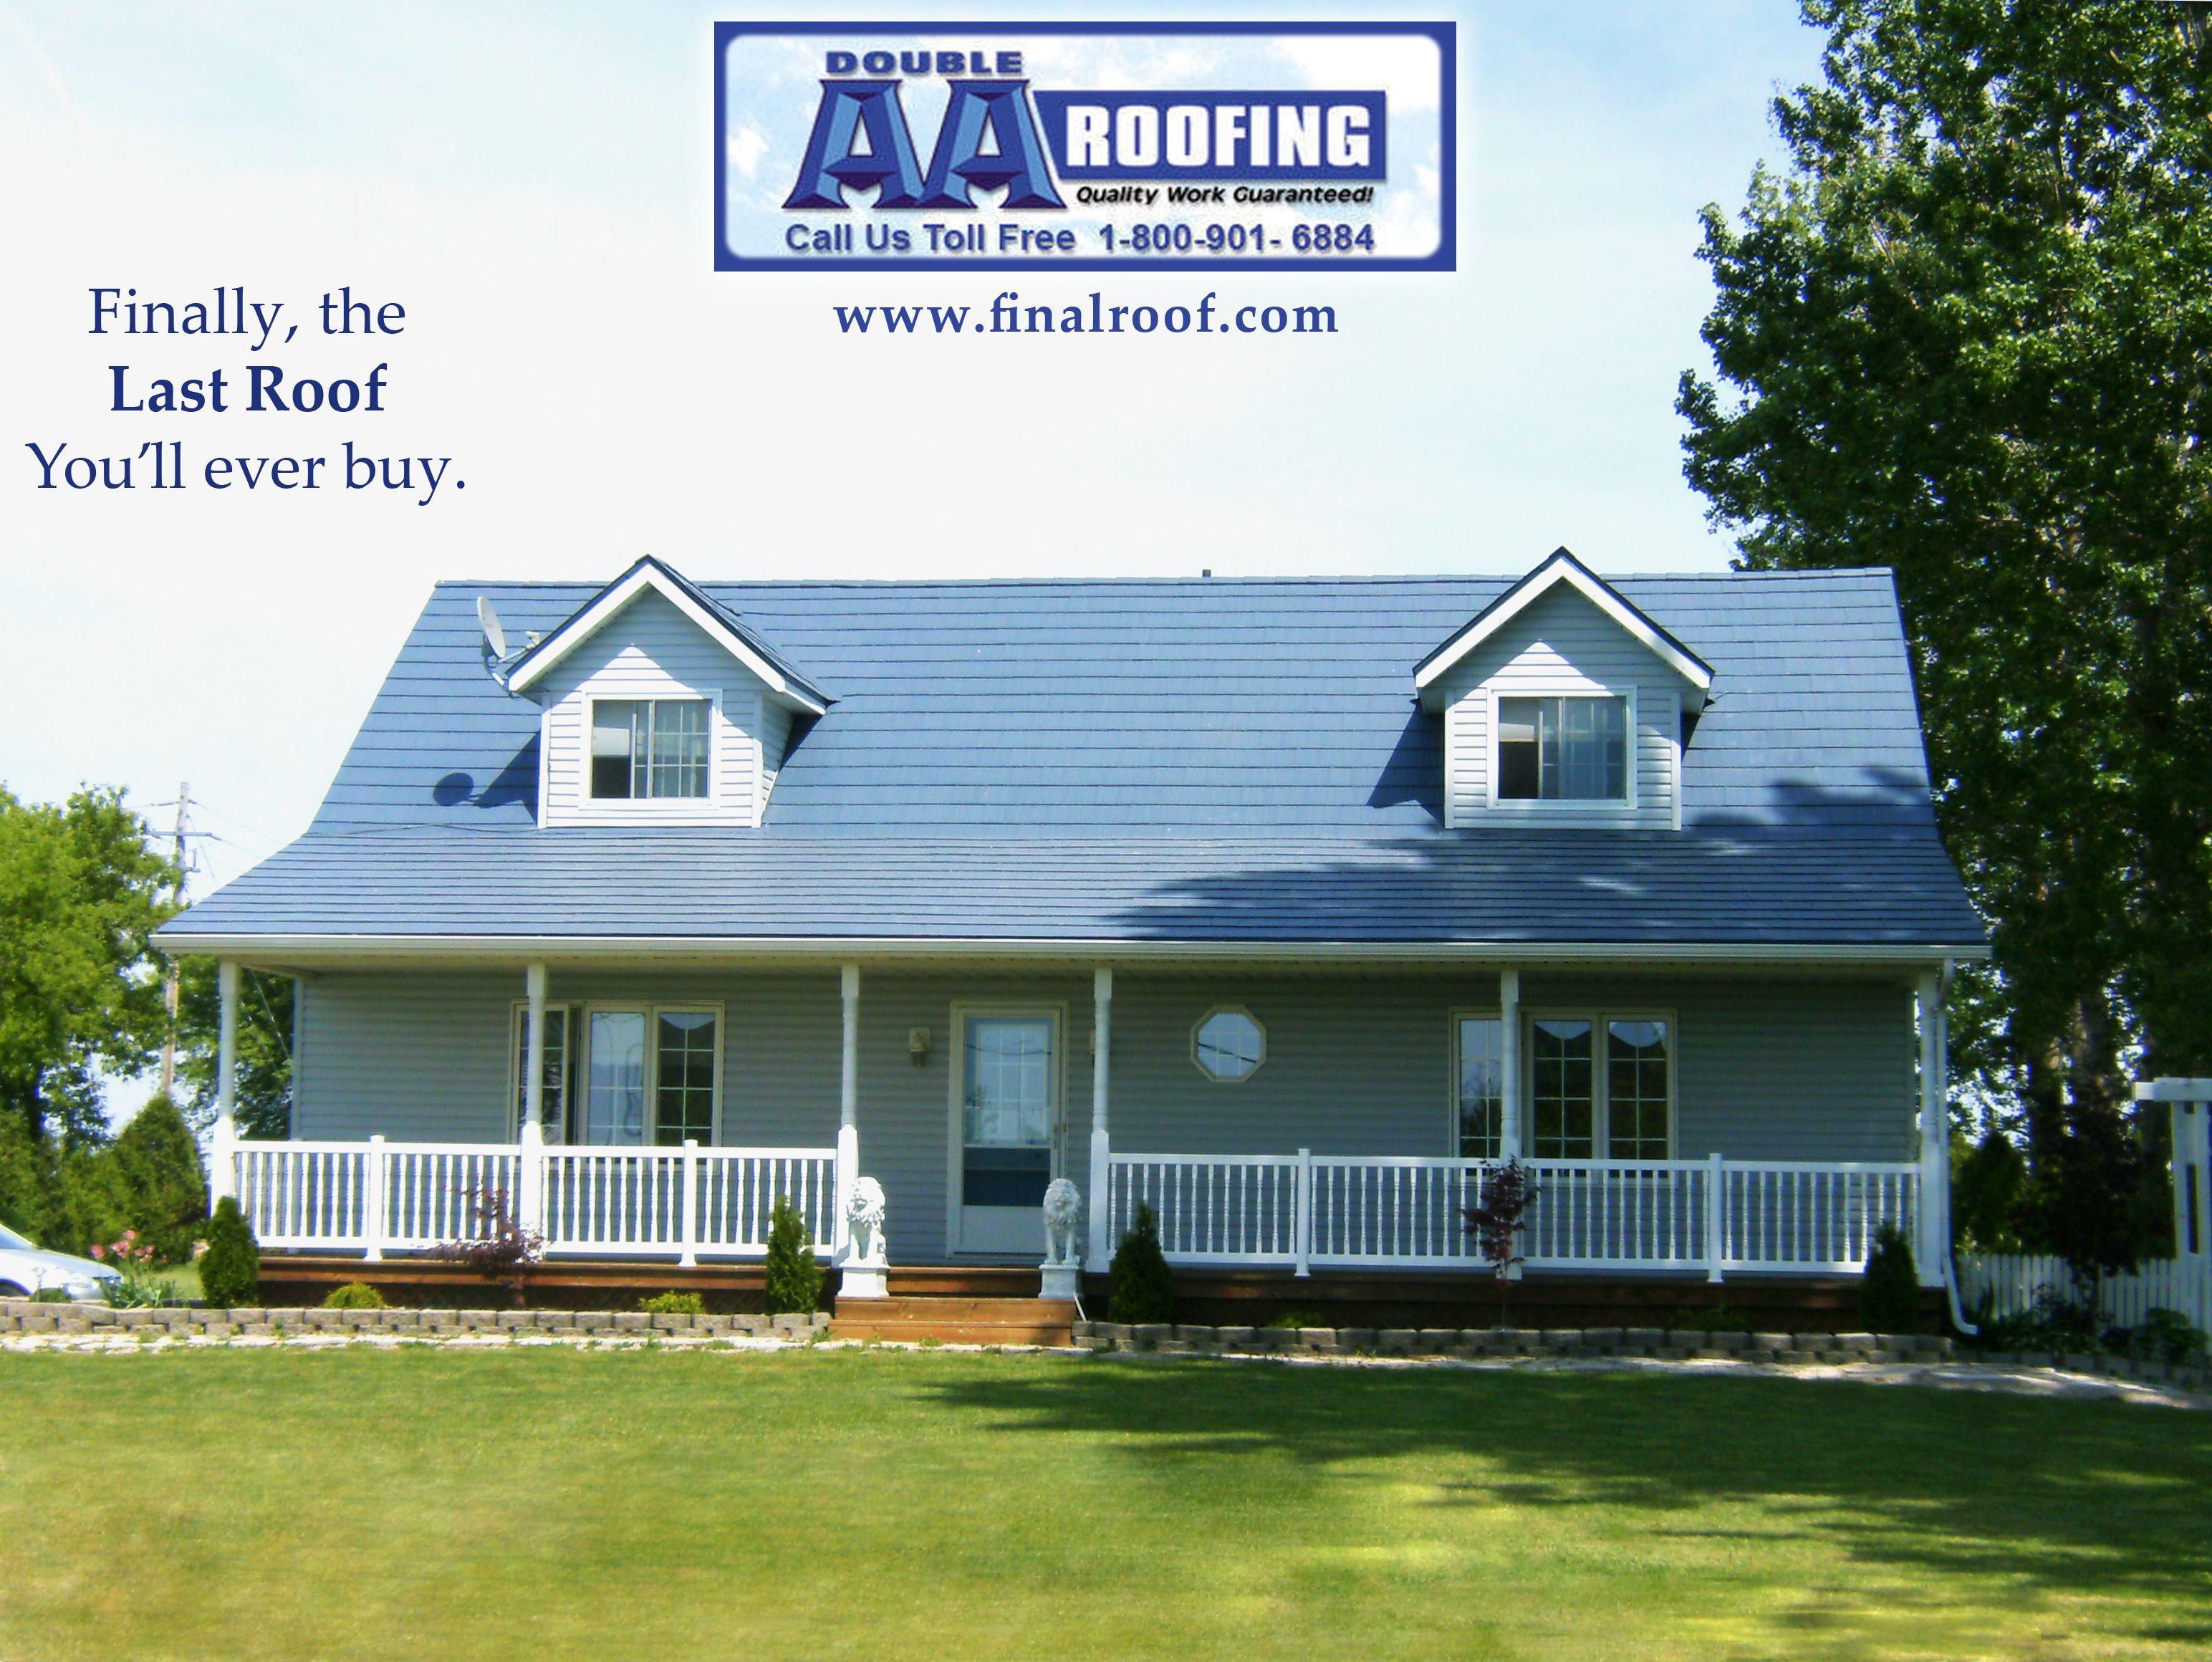 Residential Metal Roofing In Harrow Ontario By Double Aa Roofing House Roof Residential Metal Roofing Metal Roof